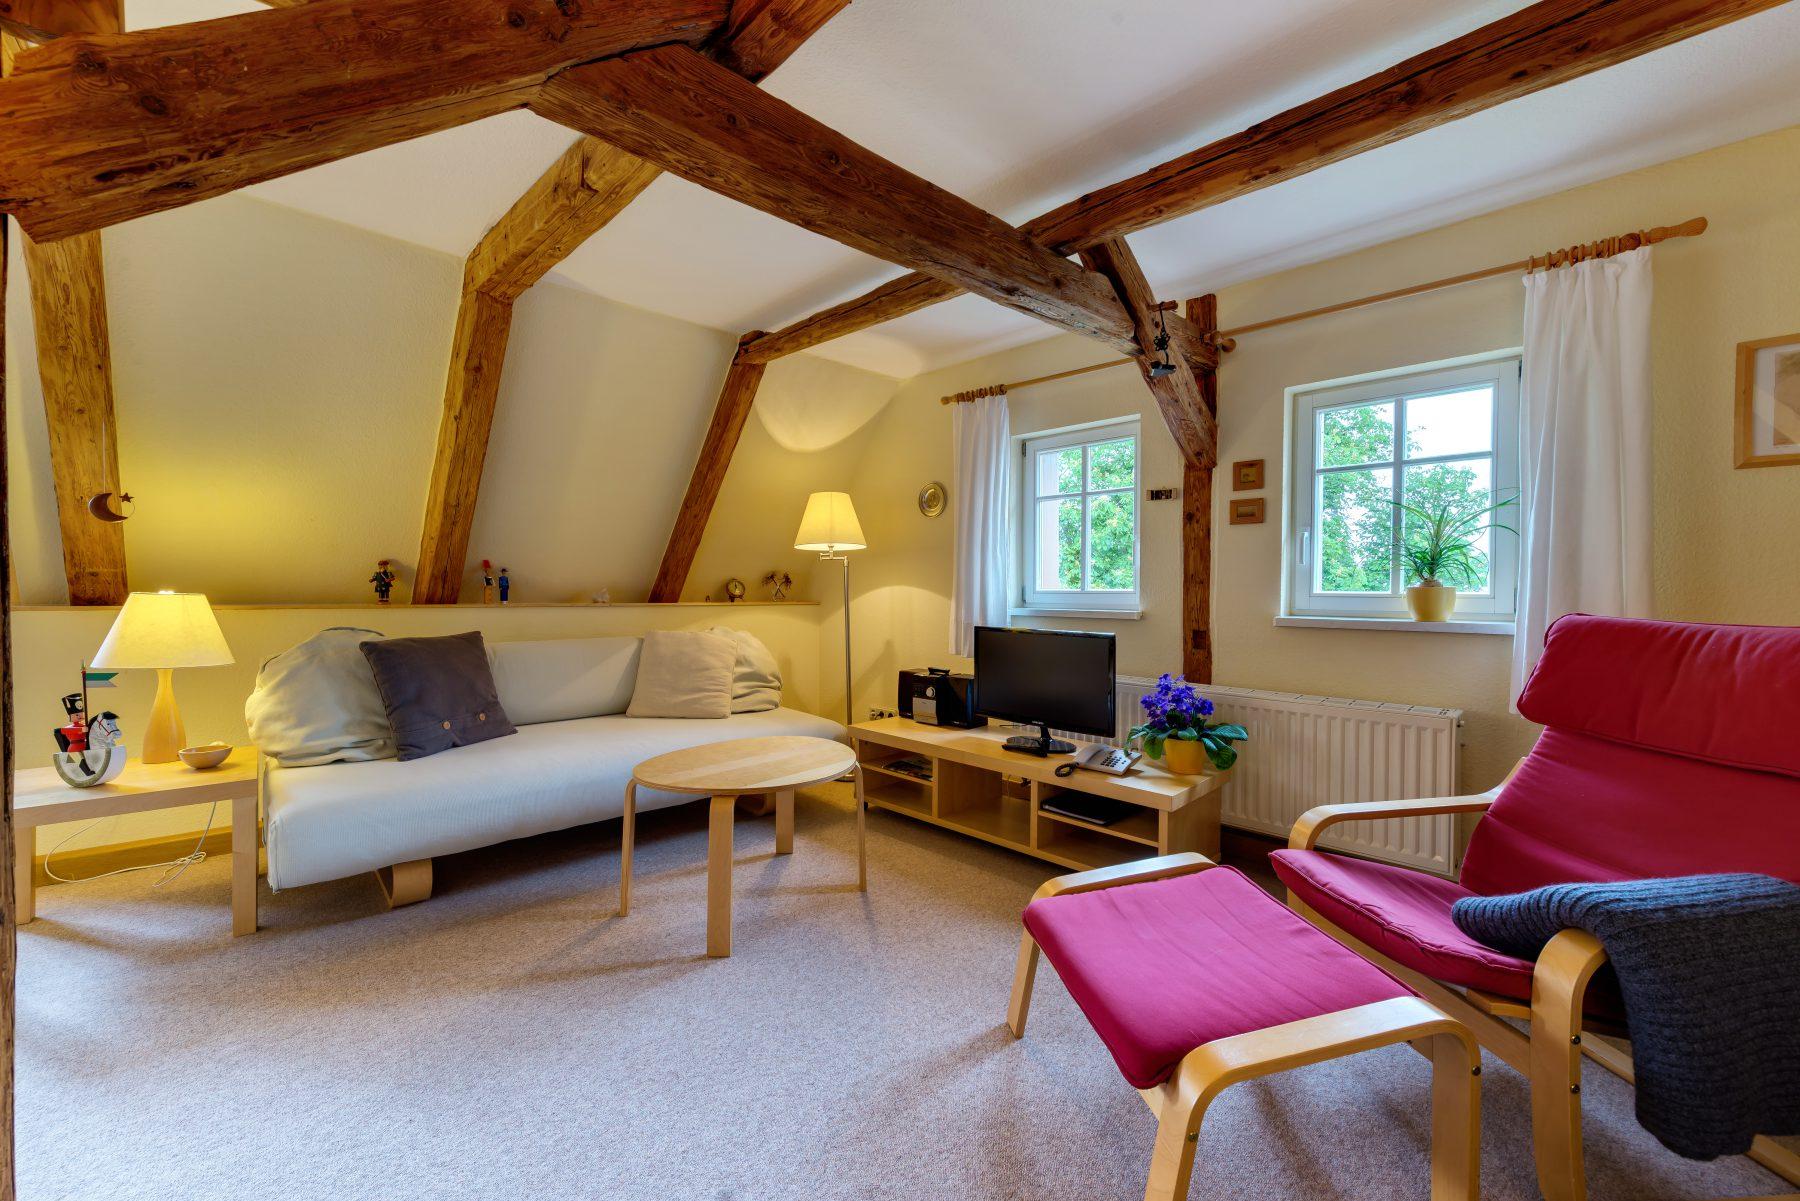 Ferienwohnung im Verlegerhaus Seiffen Kategorie N3b Wohnbereich